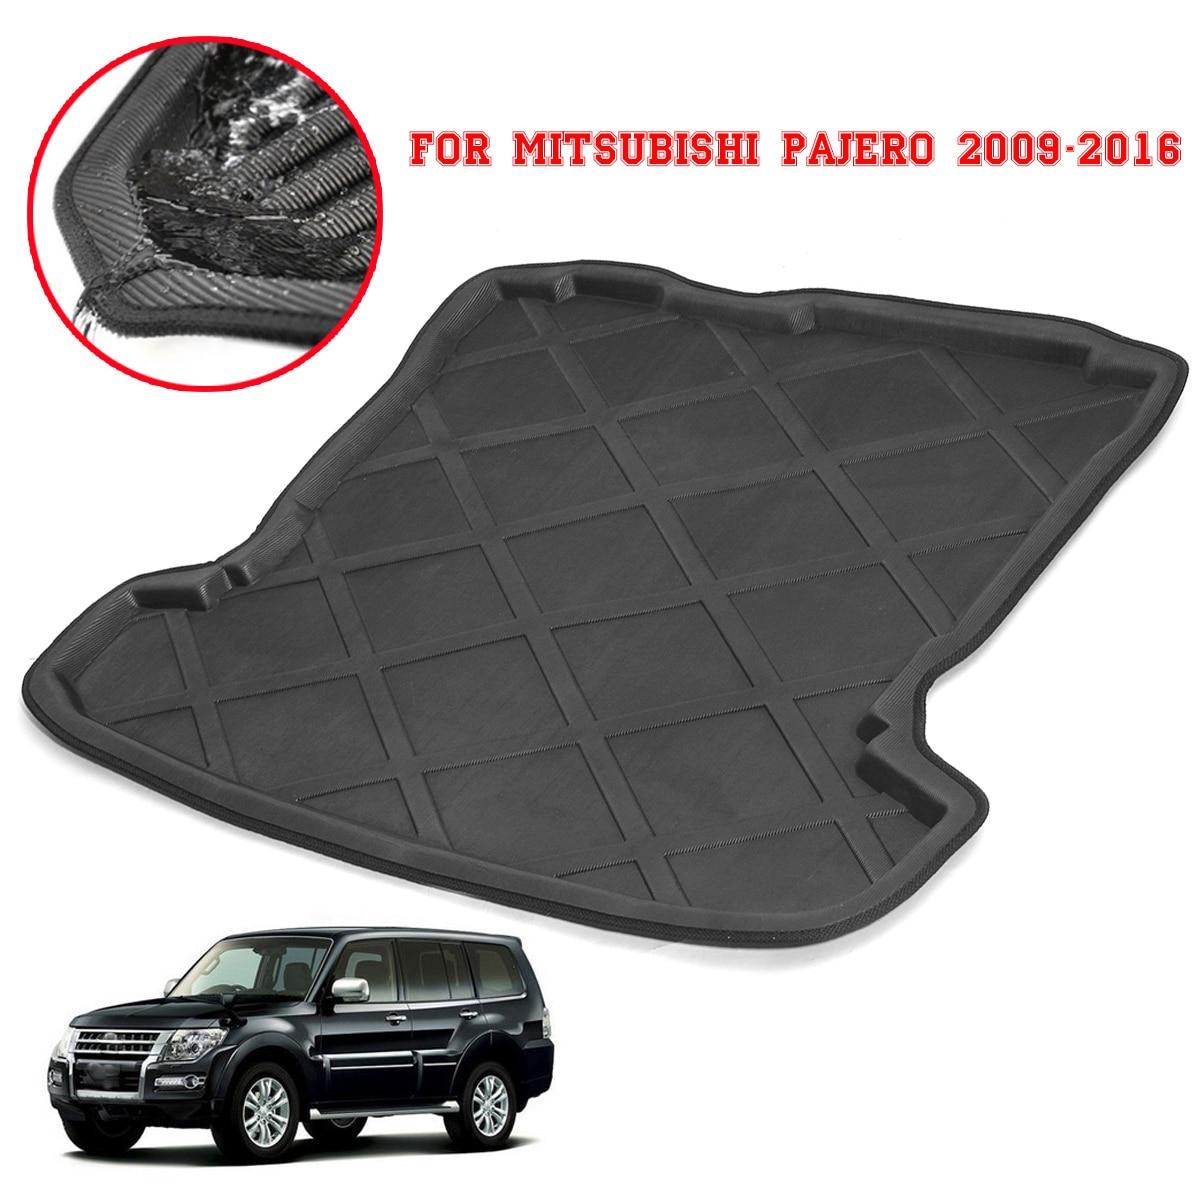 Für Mitsubishi Pajero 2009-2016 Auto Hinten Boot Liner Koffer Cargo Mat Fach Boden Teppich Schlamm Pad Protector Innen zubehör